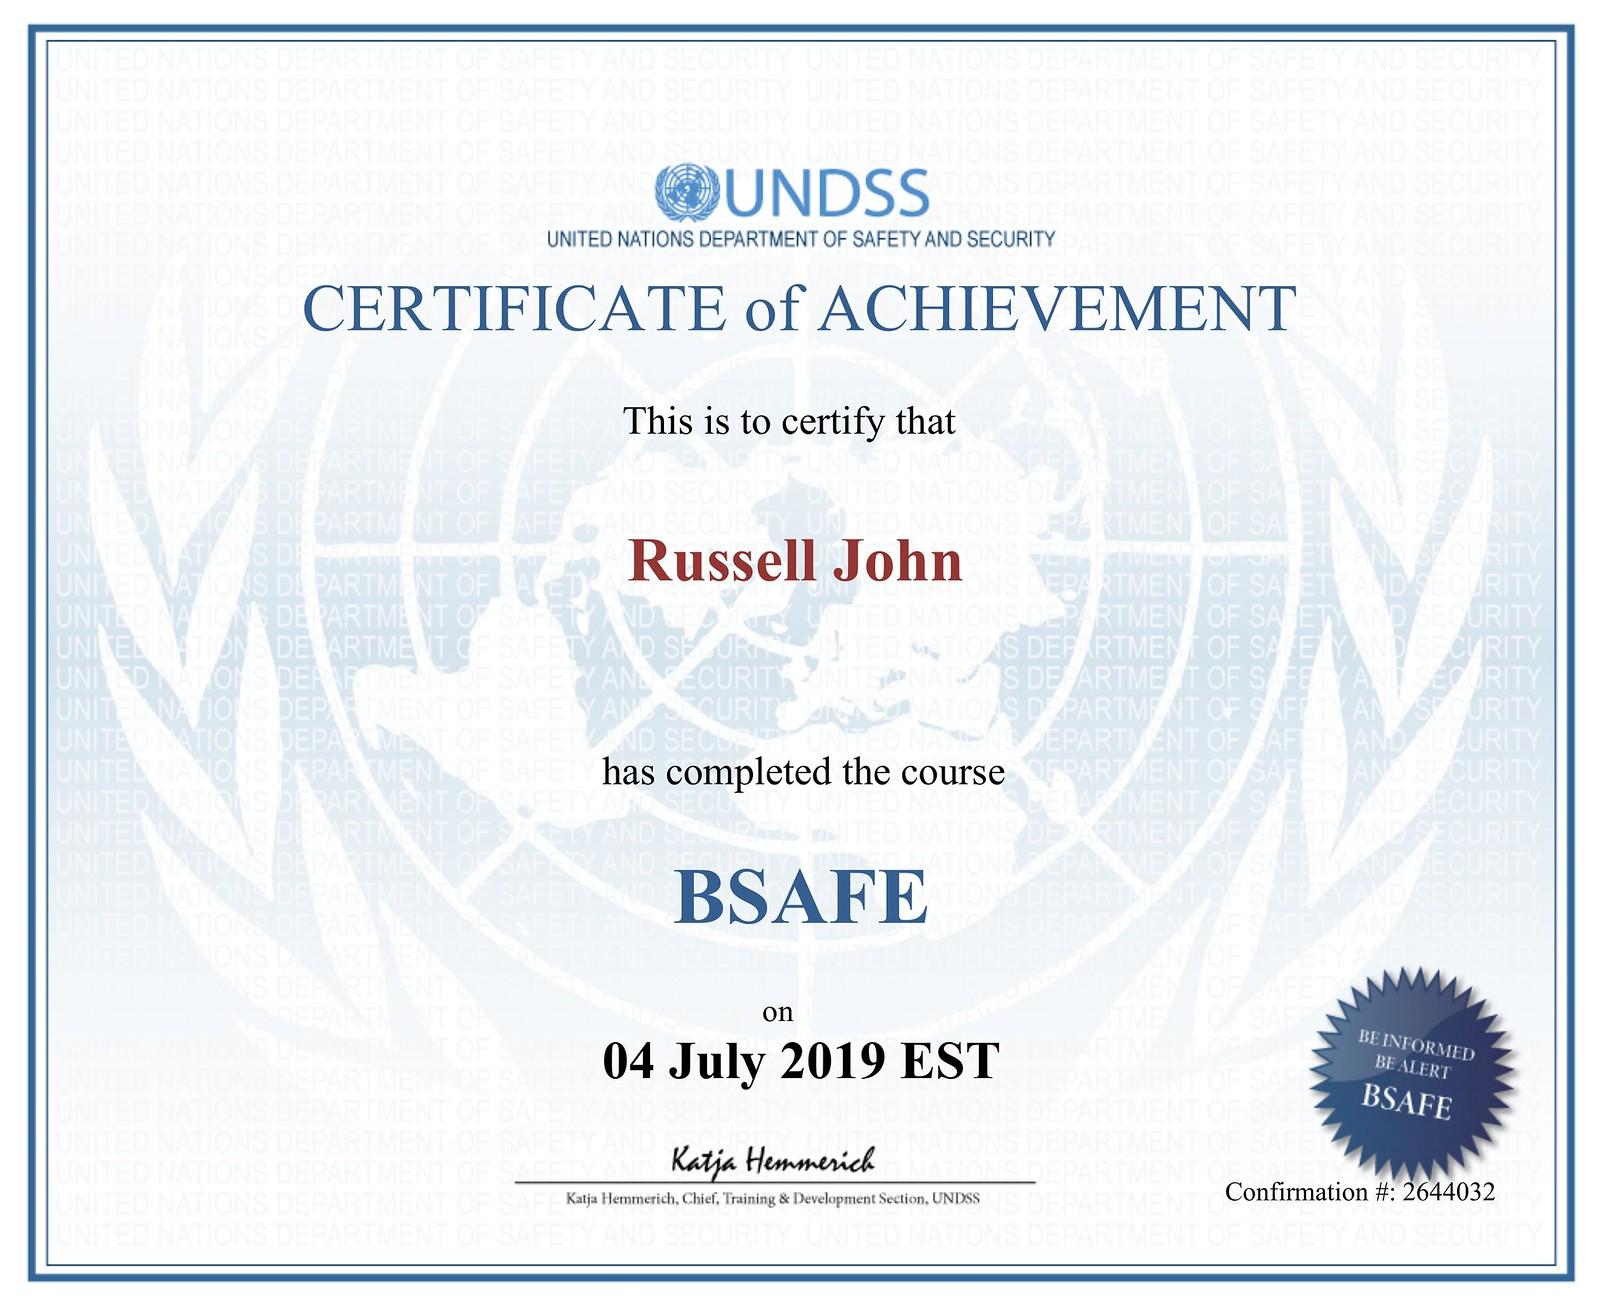 BSAFE Certificate # 2644032 - Russell John